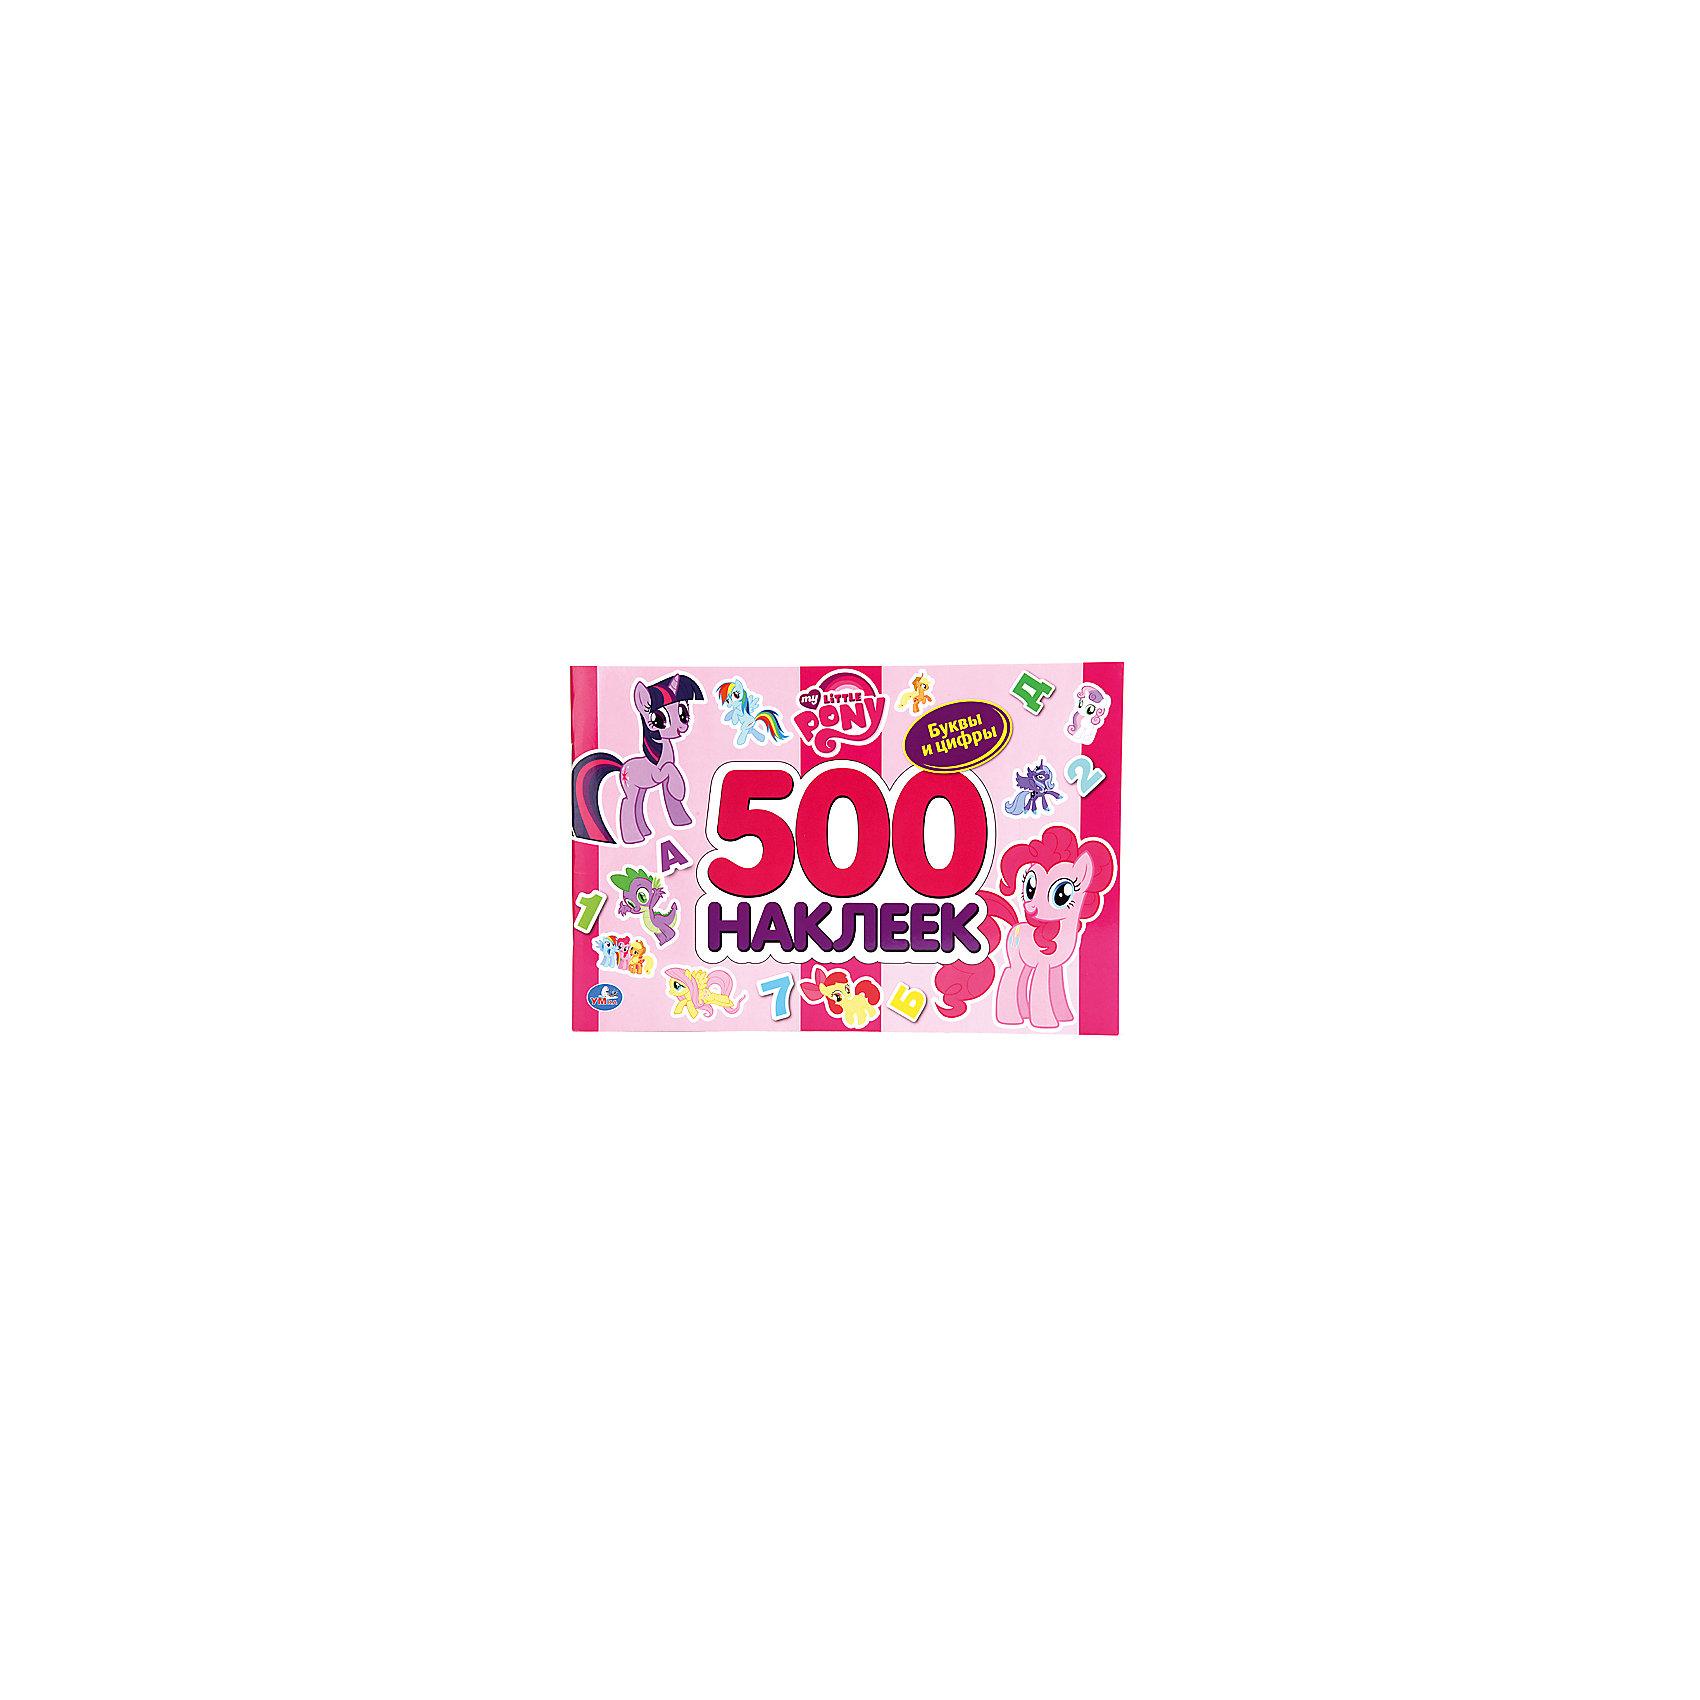 Альбом с наклейками 500 наклеек, Мой маленький пониКнижки с наклейками<br>Этот замечательный набор наклеек -  целый мир My Little Pony (Май Литл Пони. 500 ярких стикеров сложатся в альбоме в увлекательную историю. Среди наклеек есть буквы и цифры, которые ребенок сможет выучить в процессе игры. <br><br>Дополнительная информация:<br><br>- Формат: 30х20 см.<br>- Переплет: мягкий.<br>- Количество страниц: 12.<br>- Иллюстрации: цветные.<br>- Комплектация: 500 наклеек, альбом.<br><br>Альбом с наклейками 500 наклеек, Мой маленький пони, можно купить в нашем магазине.<br><br>Внимание! В соответствии с Постановлением Правительства Российской Федерации от 19.01.1998 № 55, непродовольственные товары надлежащего качества нижеследующих категорий не подлежат возврату и обмену: непериодические издания (книги, брошюры, альбомы, картографические и нотные издания, листовые изоиздания, календари, буклеты, открытки, издания, воспроизведенные на технических носителях информации).<br><br>Ширина мм: 300<br>Глубина мм: 200<br>Высота мм: 5<br>Вес г: 80<br>Возраст от месяцев: 12<br>Возраст до месяцев: 60<br>Пол: Женский<br>Возраст: Детский<br>SKU: 4053341